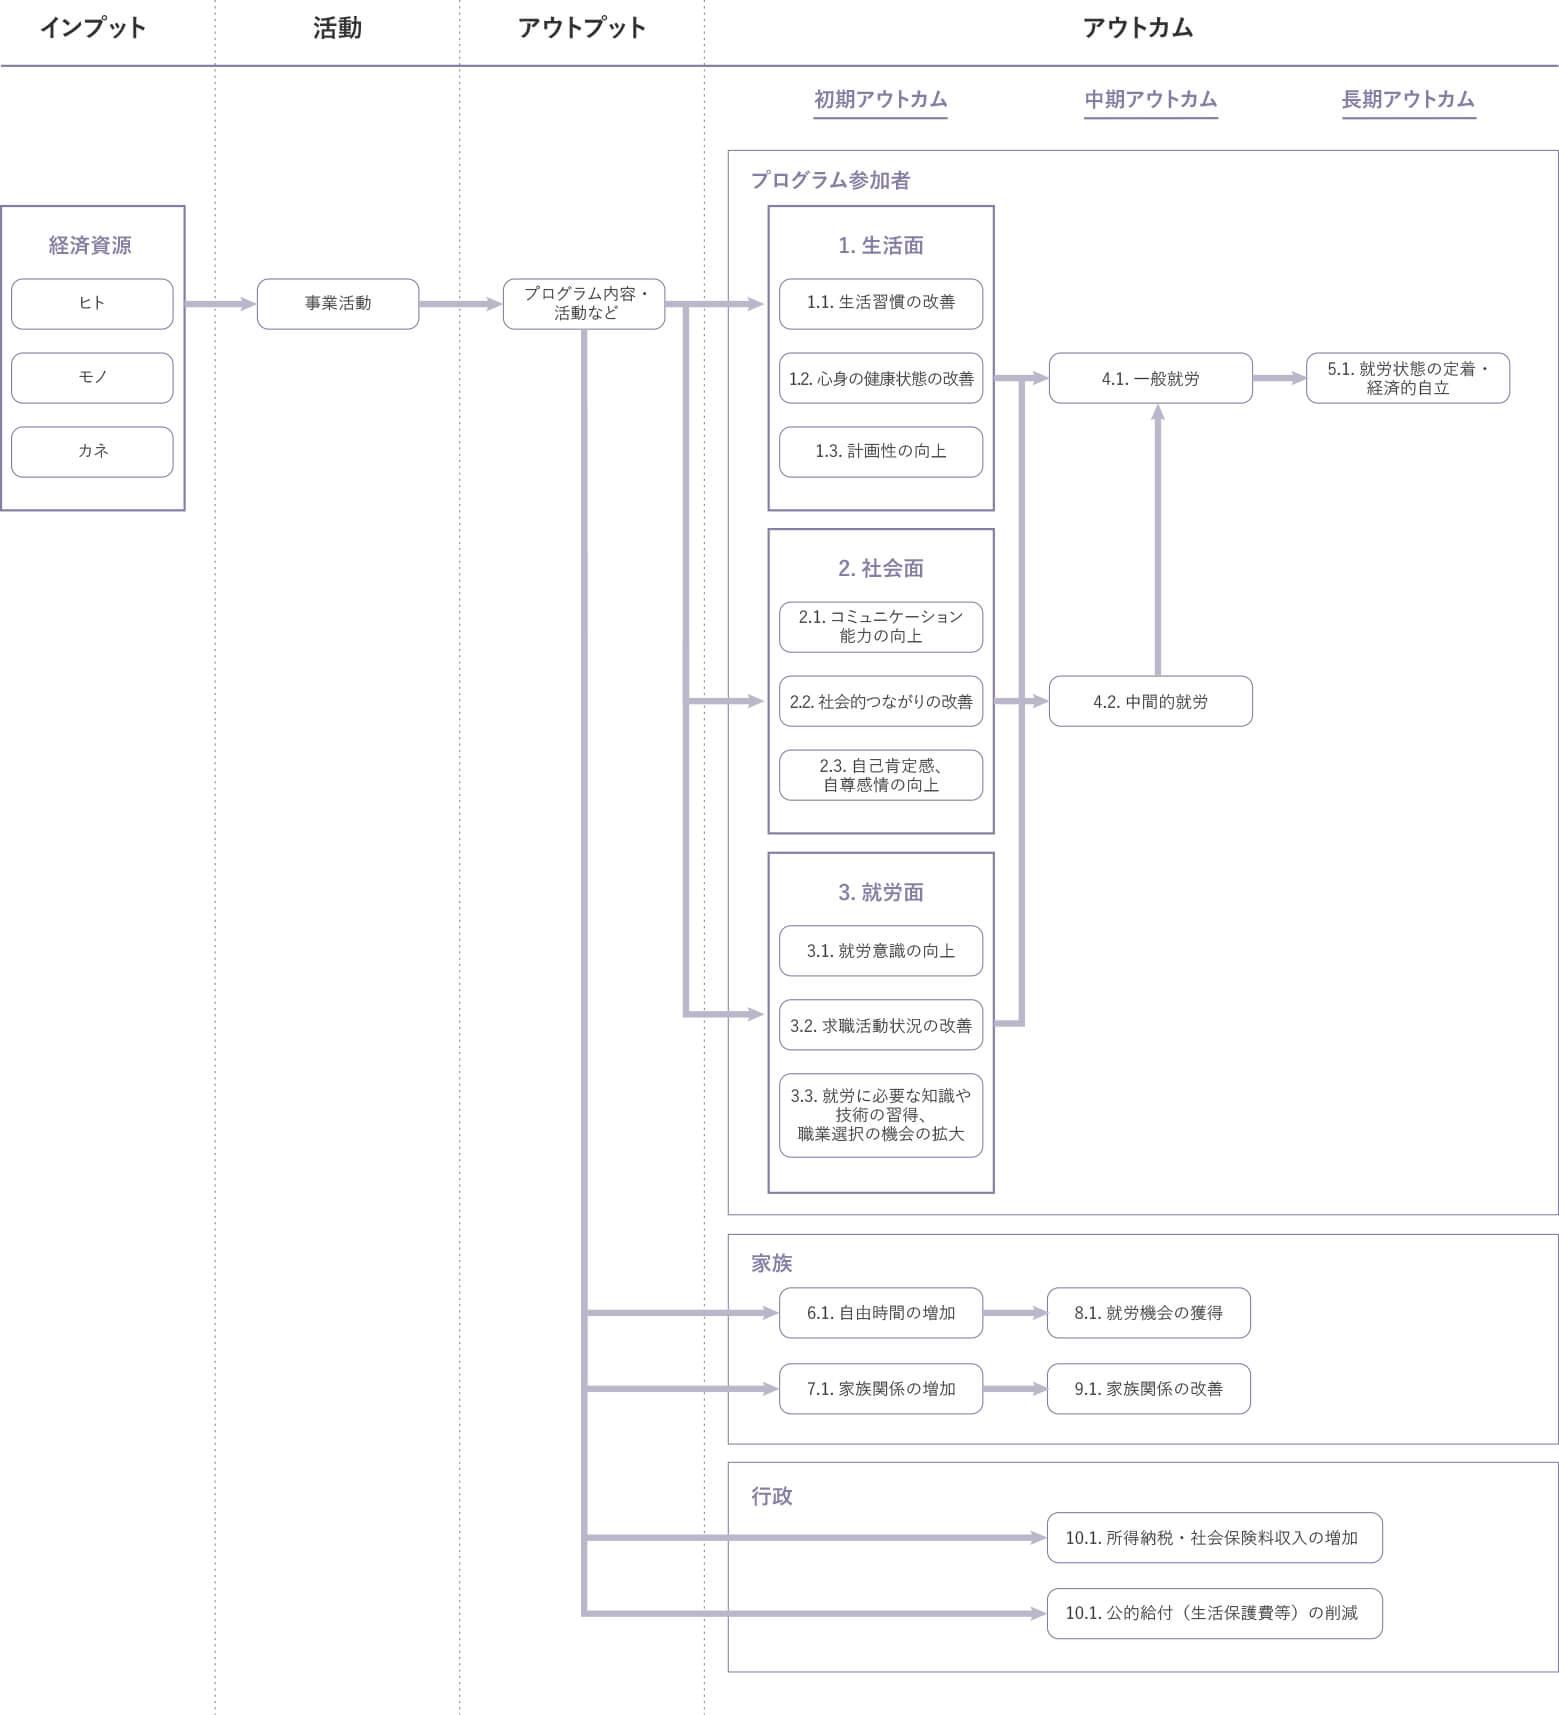 図表 1:ロジック・モデルの例(就労支援事業の場合)